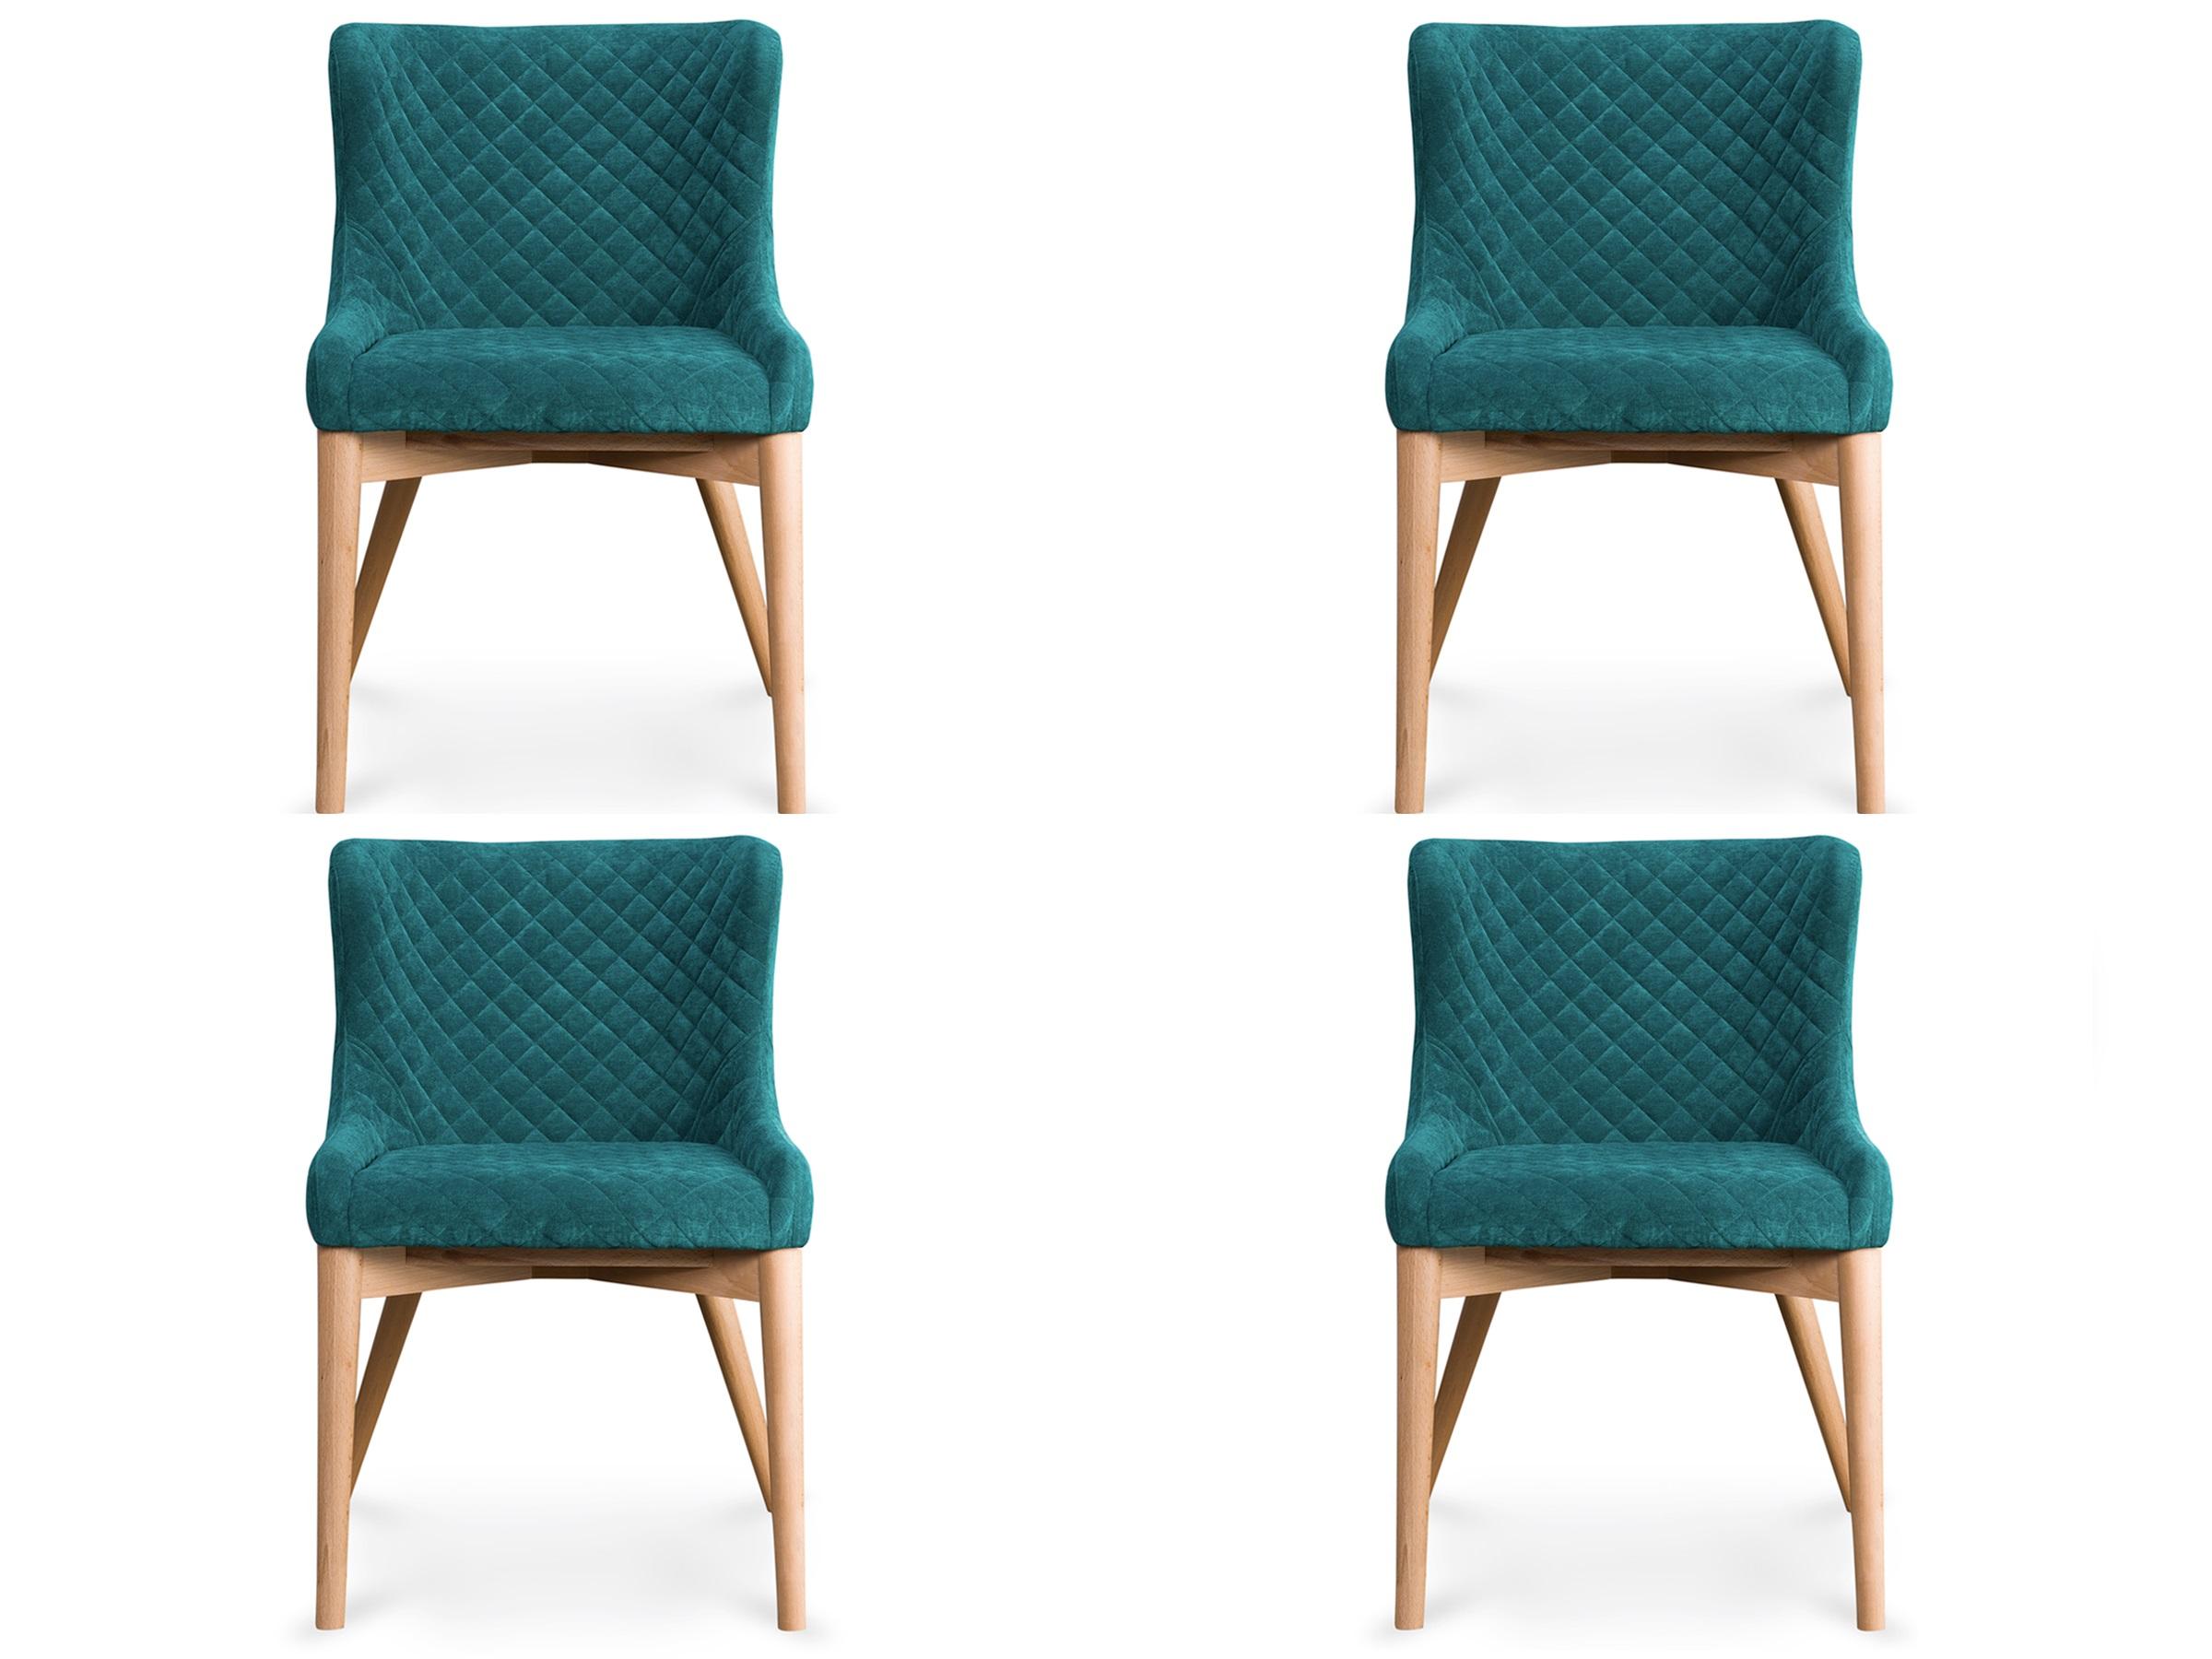 Комплект из 4 стульев BregelКомплекты<br>&amp;lt;div&amp;gt;В это трудно поверить, но некоторые люди предпочитают обедать сидя на диванах. Просто у этих людей нет правильных обеденных стульев, таких как &amp;quot;Bregel&amp;quot;. Глубокая обволакивающая посадка и стильная стежка этого стула сделают ваш обед еще более приятным.&amp;lt;br&amp;gt;&amp;lt;/div&amp;gt;&amp;lt;div&amp;gt;&amp;lt;br&amp;gt;&amp;lt;/div&amp;gt;&amp;lt;div&amp;gt;Высота сидения: 47 см.&amp;lt;/div&amp;gt;&amp;lt;div&amp;gt;Заказ с обивкой со стежкой возможен от 20 штук. Заказ в обычной ткани возможен от 1 шт. Подробности уточняйте у менеджера.&amp;amp;nbsp;&amp;lt;br&amp;gt;&amp;lt;/div&amp;gt;<br><br>Material: Бук<br>Ширина см: 50<br>Высота см: 80<br>Глубина см: 61